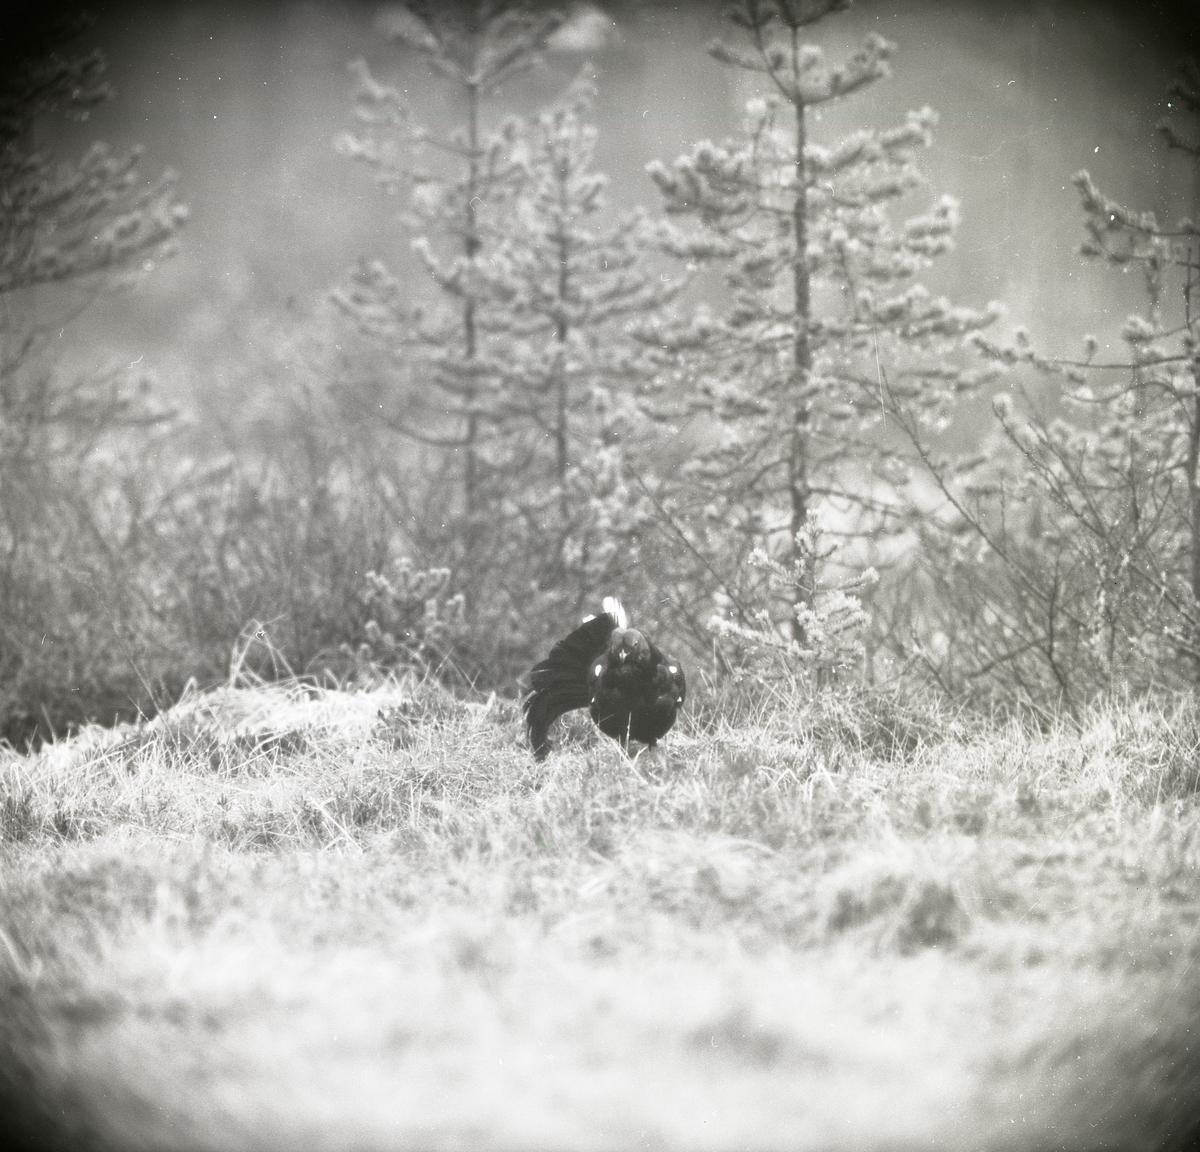 Vid Degelmyren står en orre med få stjärtfjädrar i gräset vid en tallskog den 3 maj 1964.